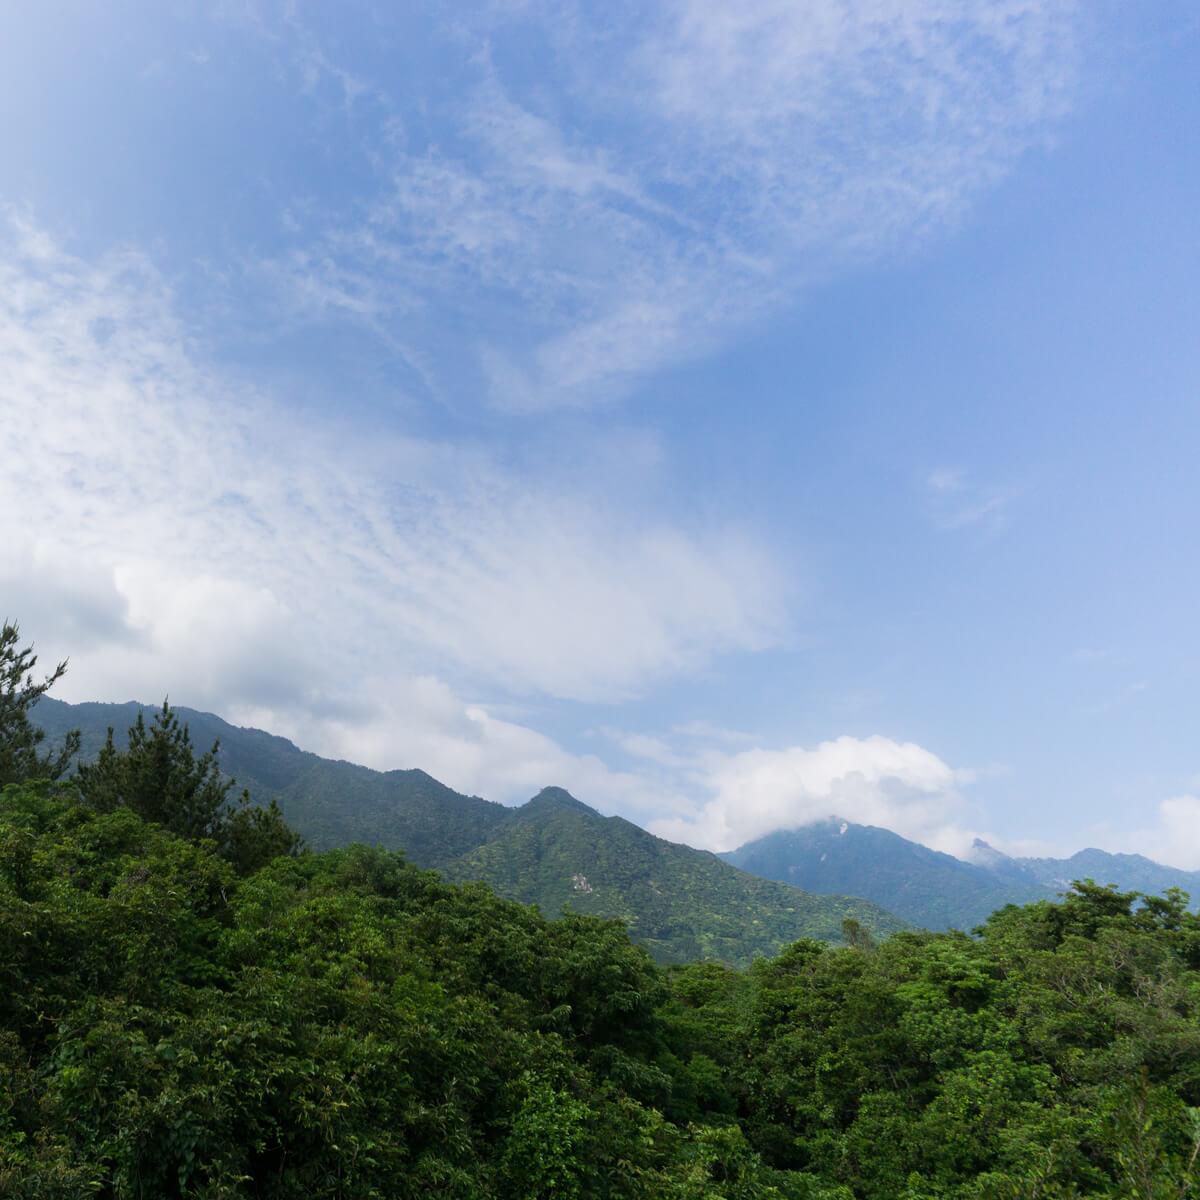 屋久島の山々、空 屋久島日々の暮らしとジュエリー オーダーメイドマリッジリングのモチーフ